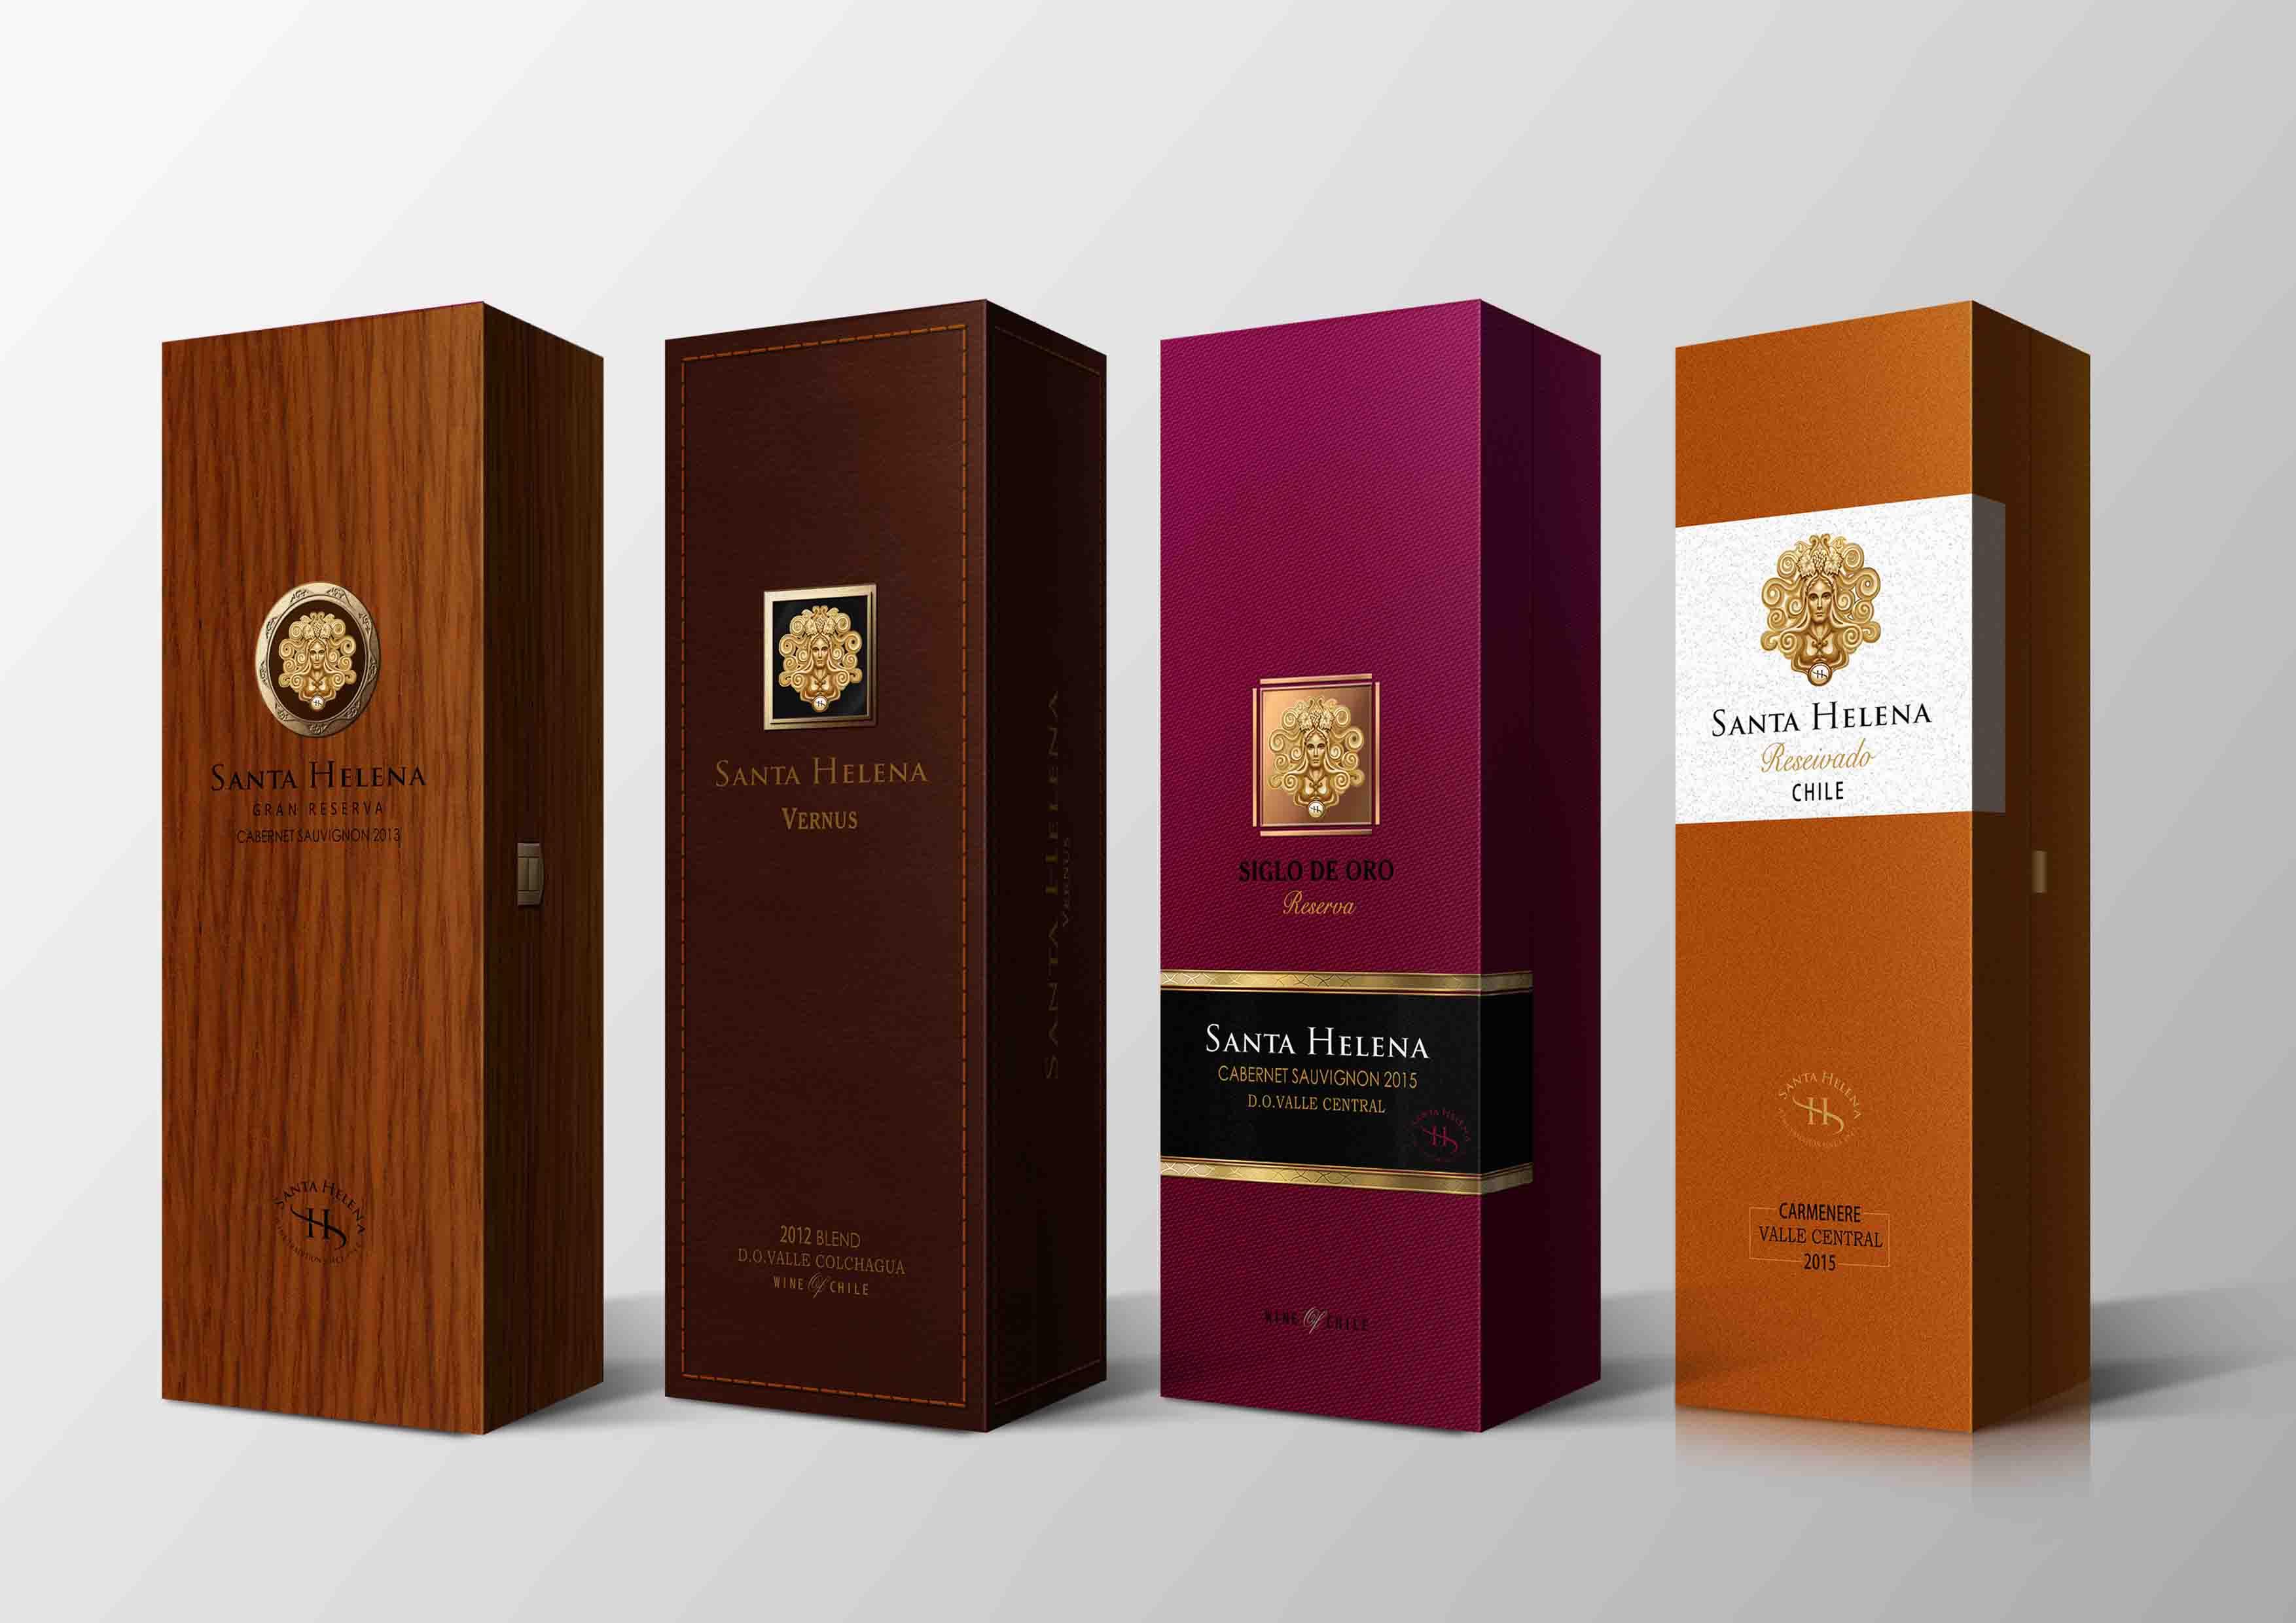 商铺首页 产品展示 > 深圳市山西红酒包装设计礼盒启智设计定制 山西图片